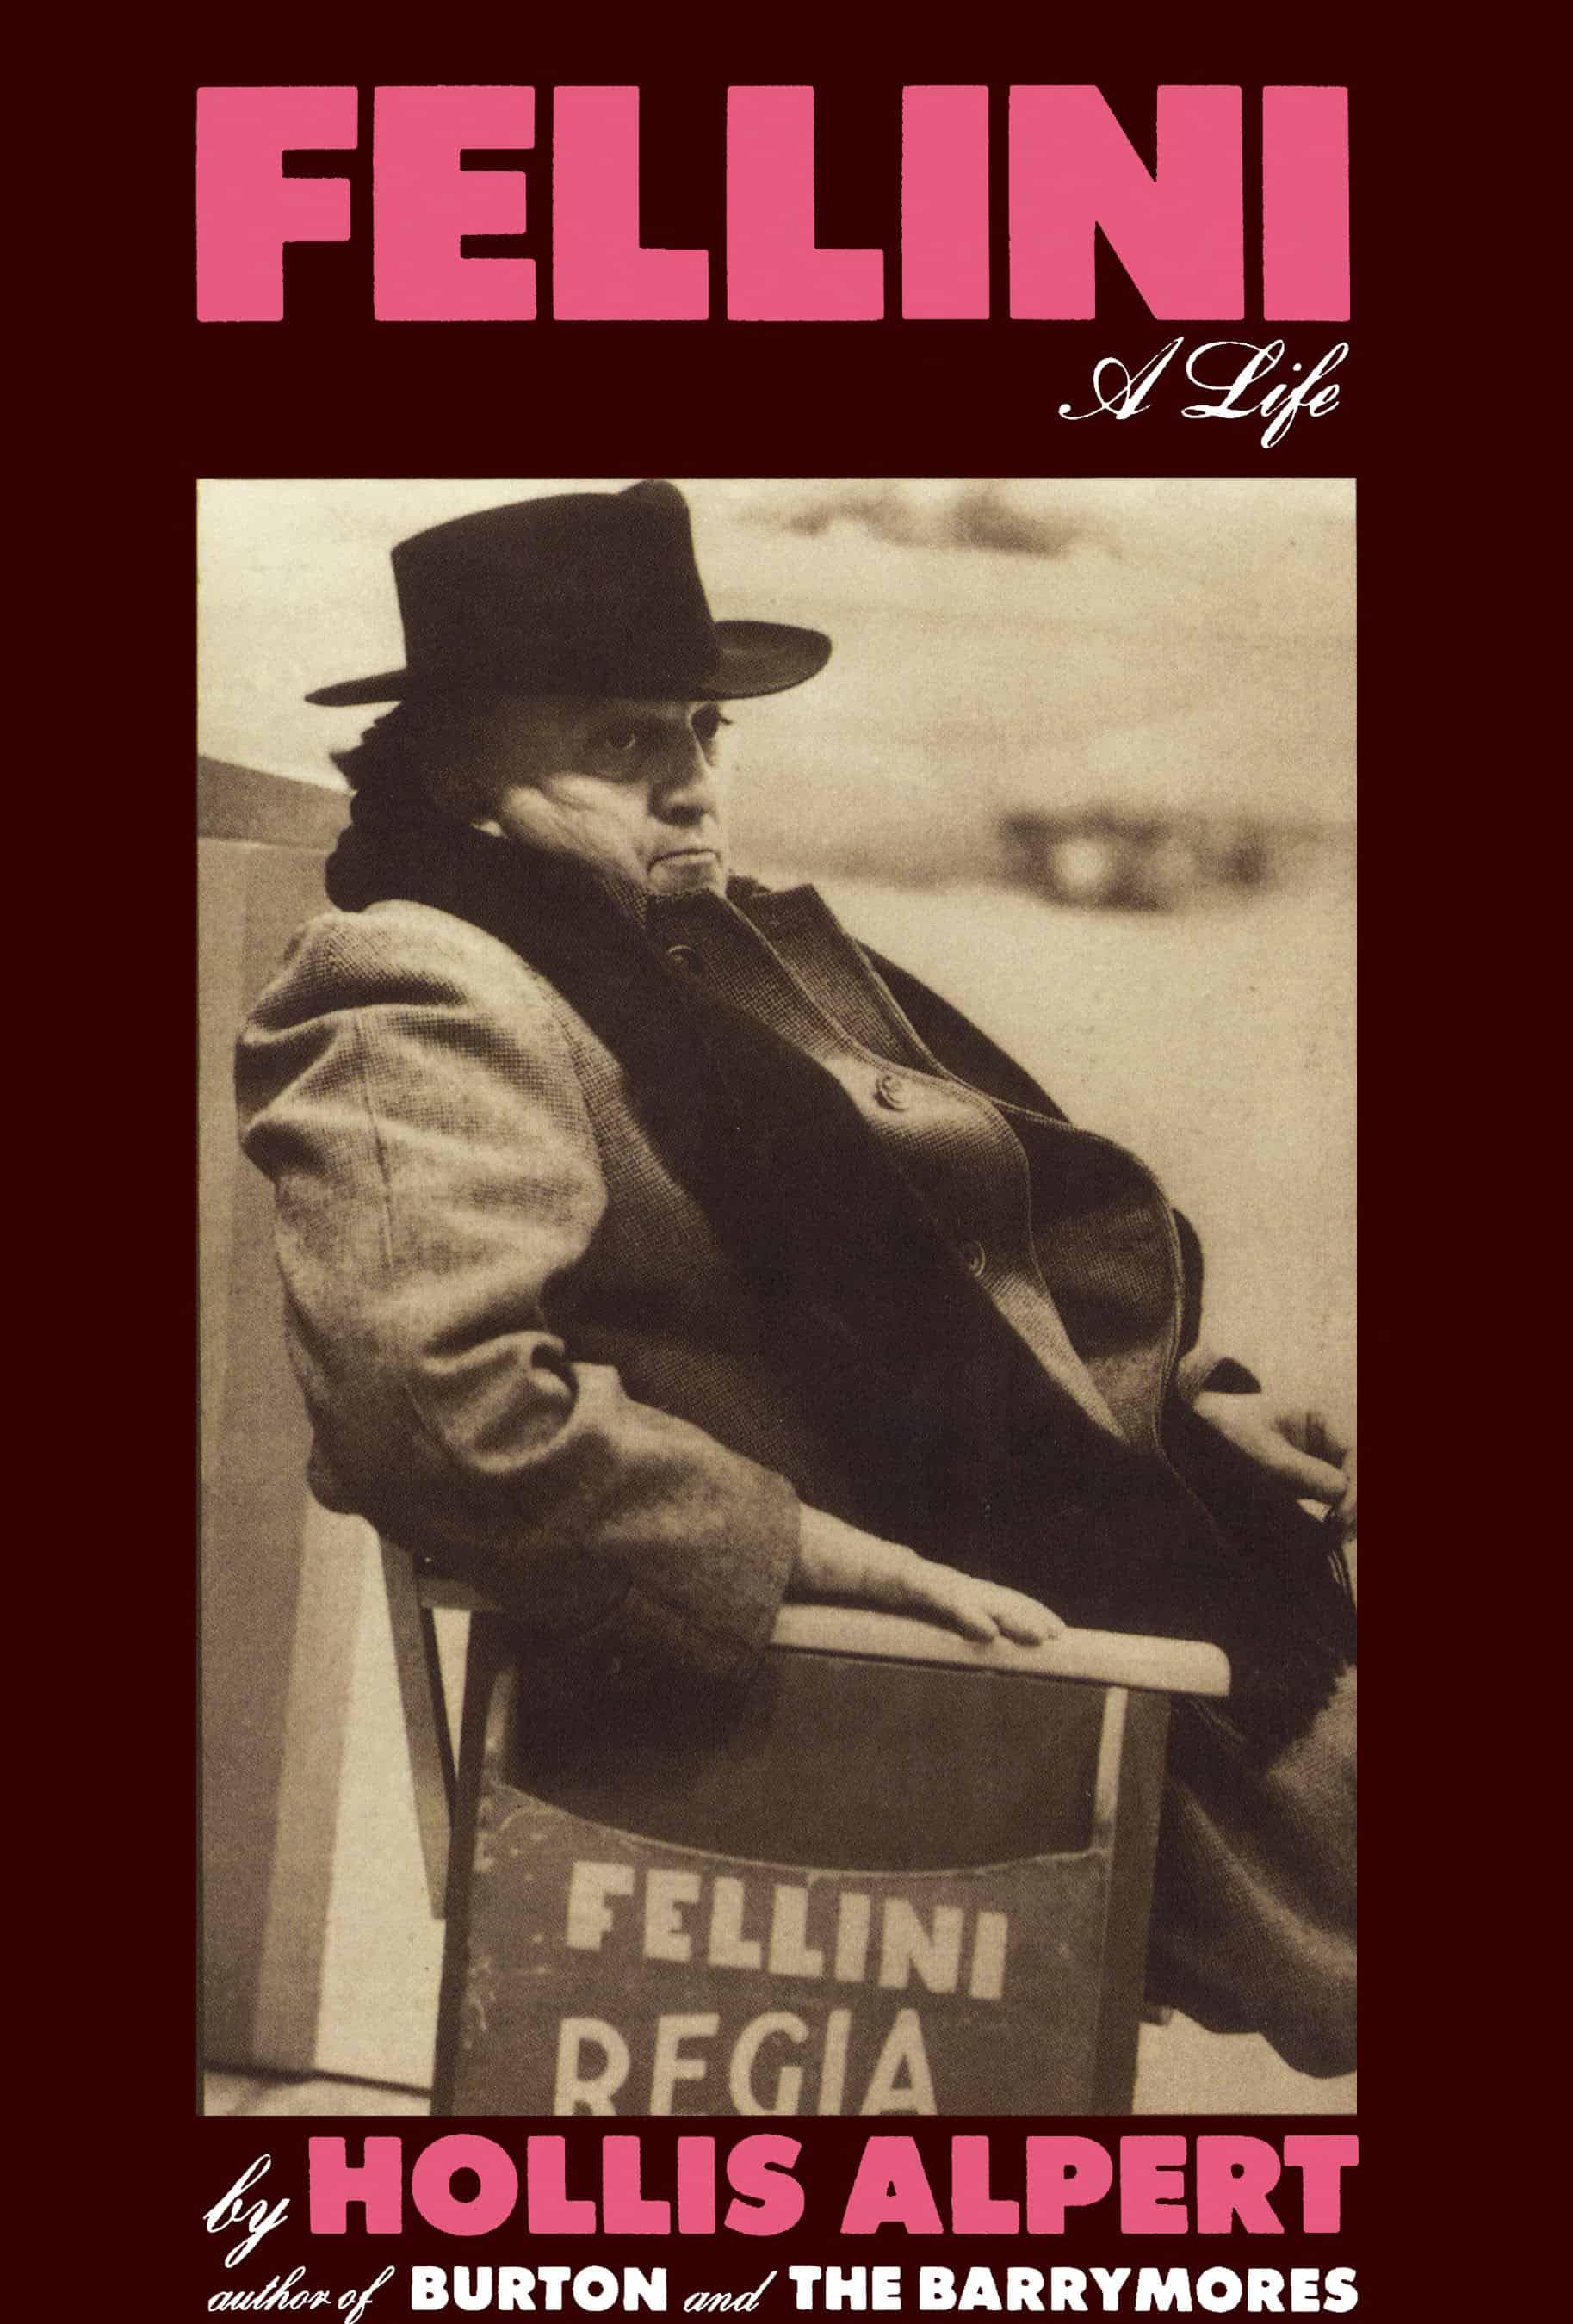 Fellini A Life - Fellini: A Life